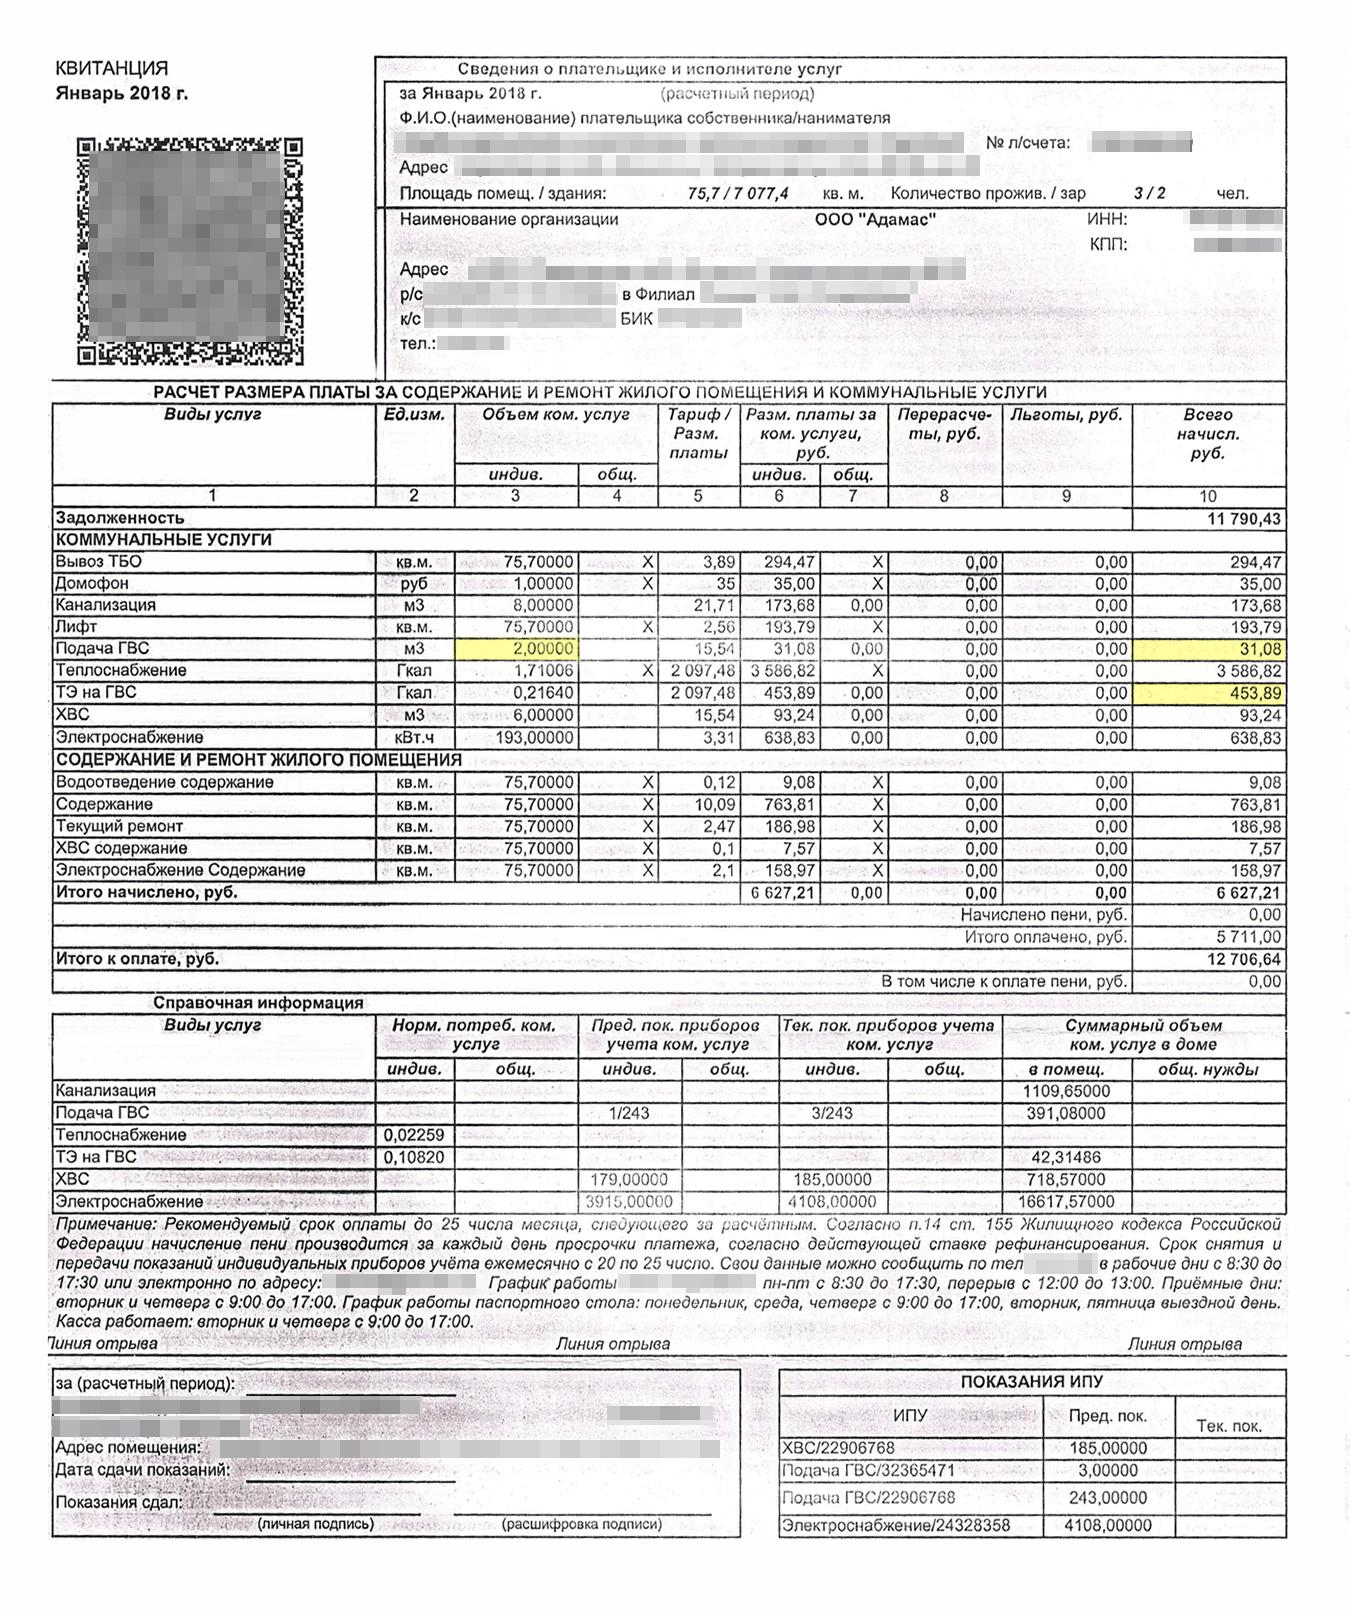 Пример платежного документа с расчетами на подачу горячей воды и теплоэнергию на ее приготовление. За январь 2018&nbsp;года вышло 242 рубля за 1 м³ горячей воды: (31,8&nbsp;+&nbsp;453,89)&nbsp;÷&nbsp;2&nbsp;=&nbsp;242,49<span class=ruble>Р</span>